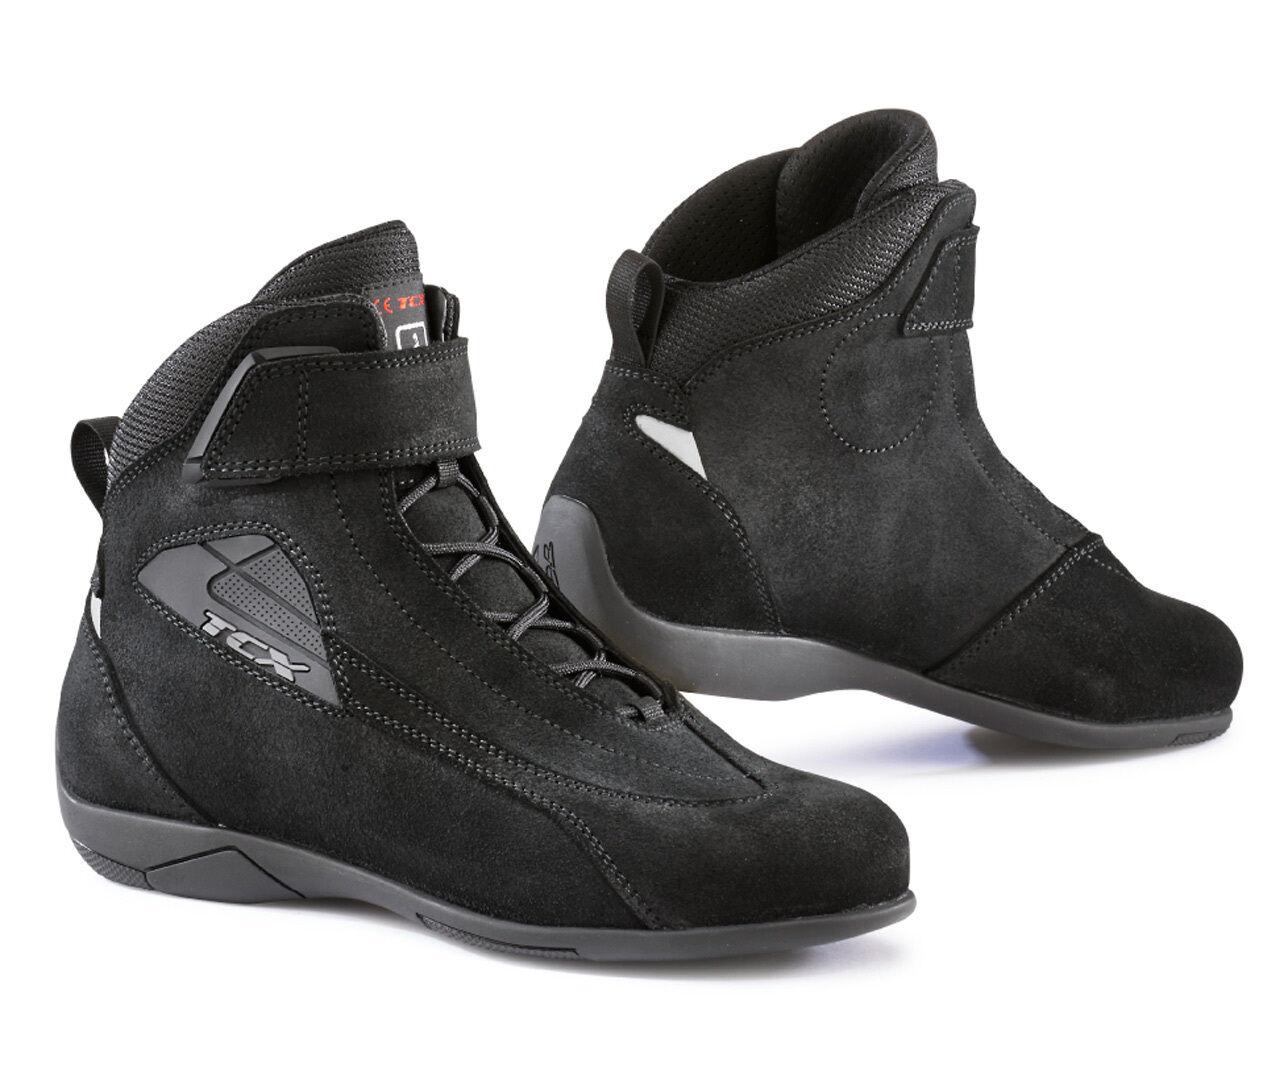 TCX Sport Ladies Motorcycle Shoes Black 38